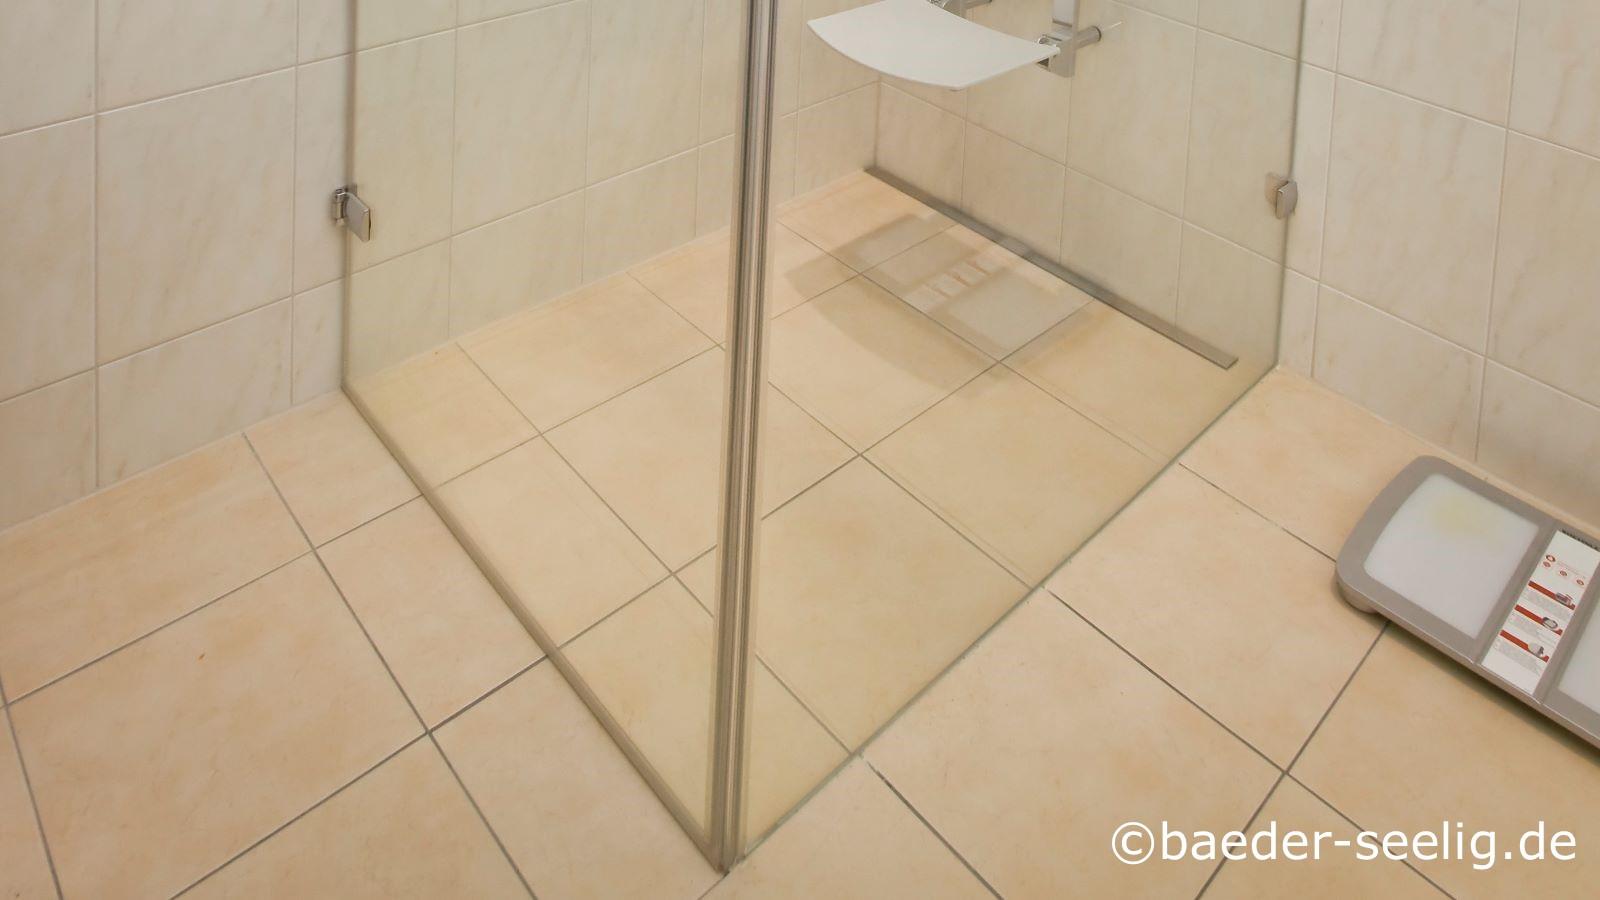 Abgebildet ist ein behindertengerecht umgebautes bad mit einer grossen, bequemen duschkabine mit duschklappsitz und der wandbuendig passgenau zwischen der duschwand links und der glasduschabtrennung rechts eingebauen v4a edelstahl-duschrinne pro. Diese sehr schmale duschrinne nach mass mit nur 40 mm einbauhoehe ist durch die individuellen wandaufkantungen und die individuelle abflusskonfiguration fuer diese duschplanung die optimale bodenablaufrinne gewesen. Sie ermoeglicht eine sichere und einfache abdichtung, herstellung des einseitigen gefaelleestrichs im bereich der dusche und die verlegung der grossformatigen fliesen mit nur wenigen fugen, die gerade hier im behindertengerechten bad fuer die nutzer wegen ihrer einfachen pflege besonders wichtig waren. Auch die mit ca. 1 l/s konstant sehr hohe ablaufleistung durch den freien 40 mm querschnitt des ablaufs ist aeusserst wichtig fuer die nutzer dieser behindertengerechten dusche. So laeuft das wasser schnell ab. Zudem ist die reinigung der dusche schnell und einfach ohne werkzeug moeglich.